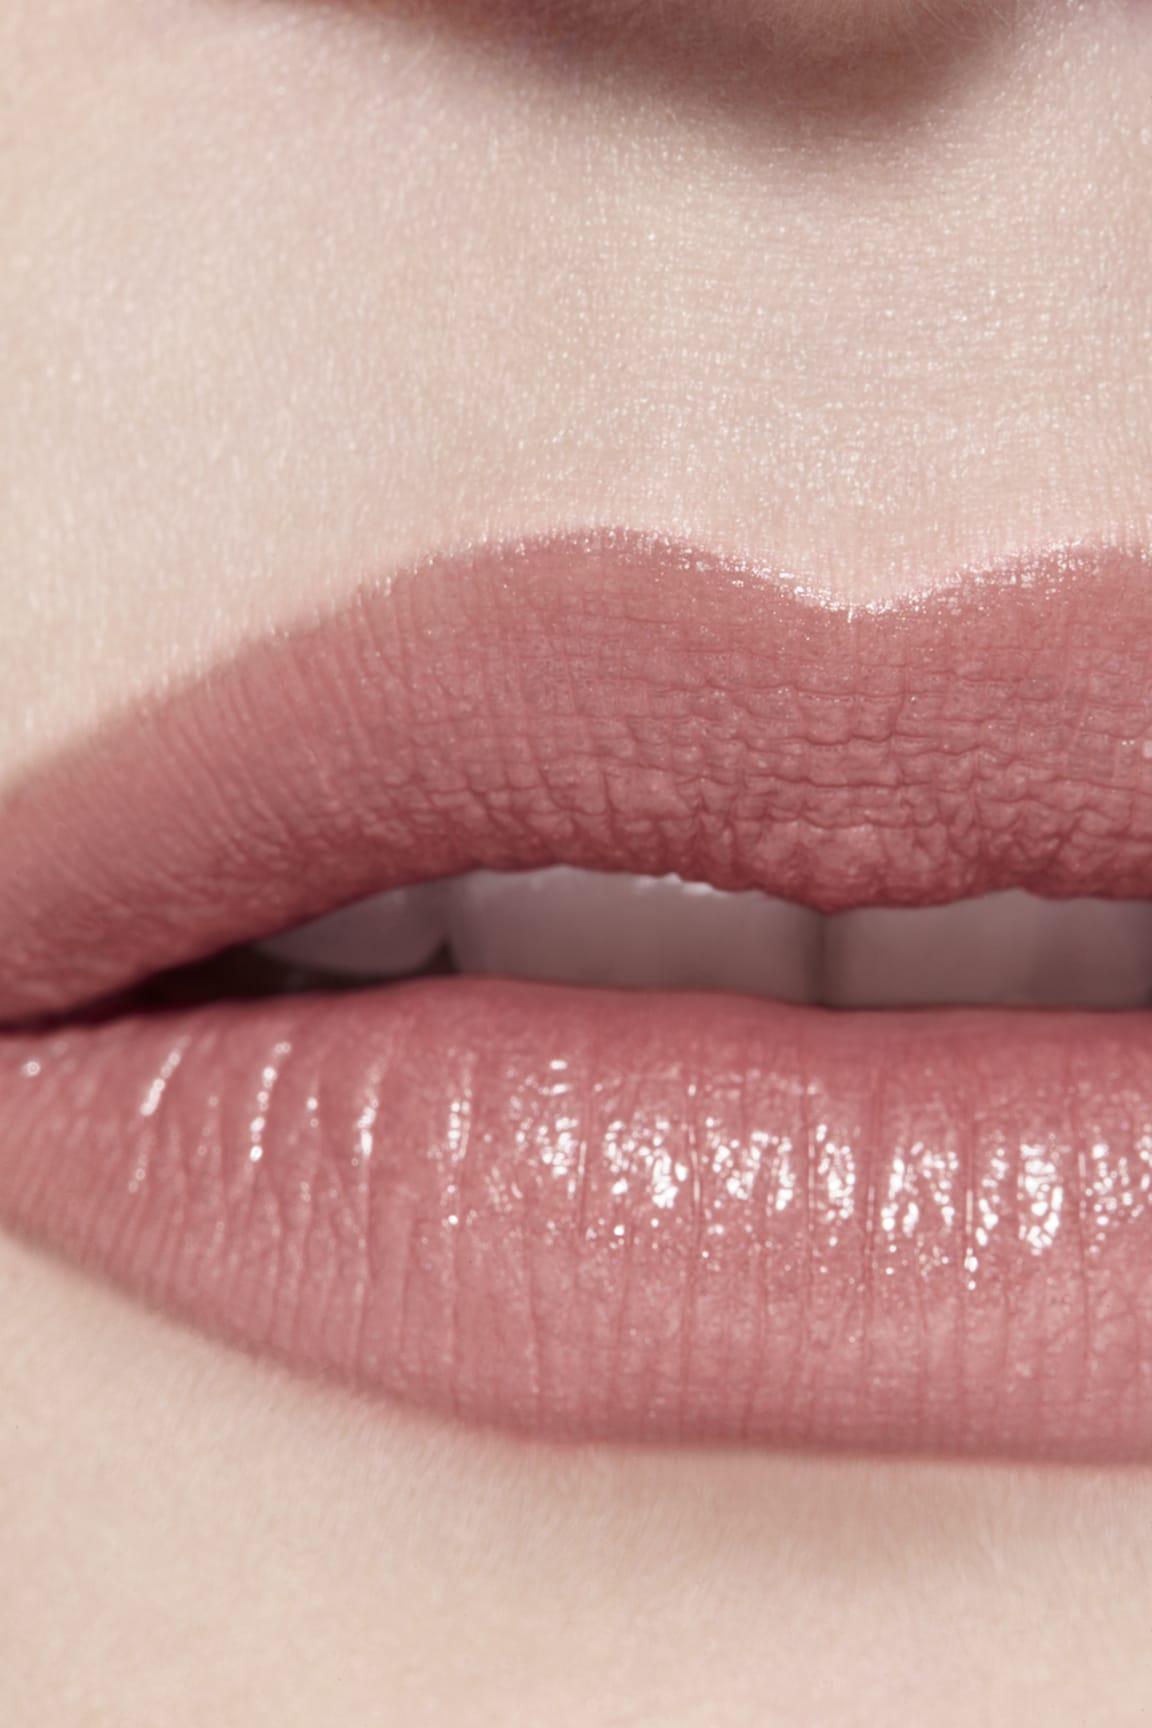 Imagen aplicación de maquillaje 3 - ROUGE ALLURE 186 - SENSIBLE